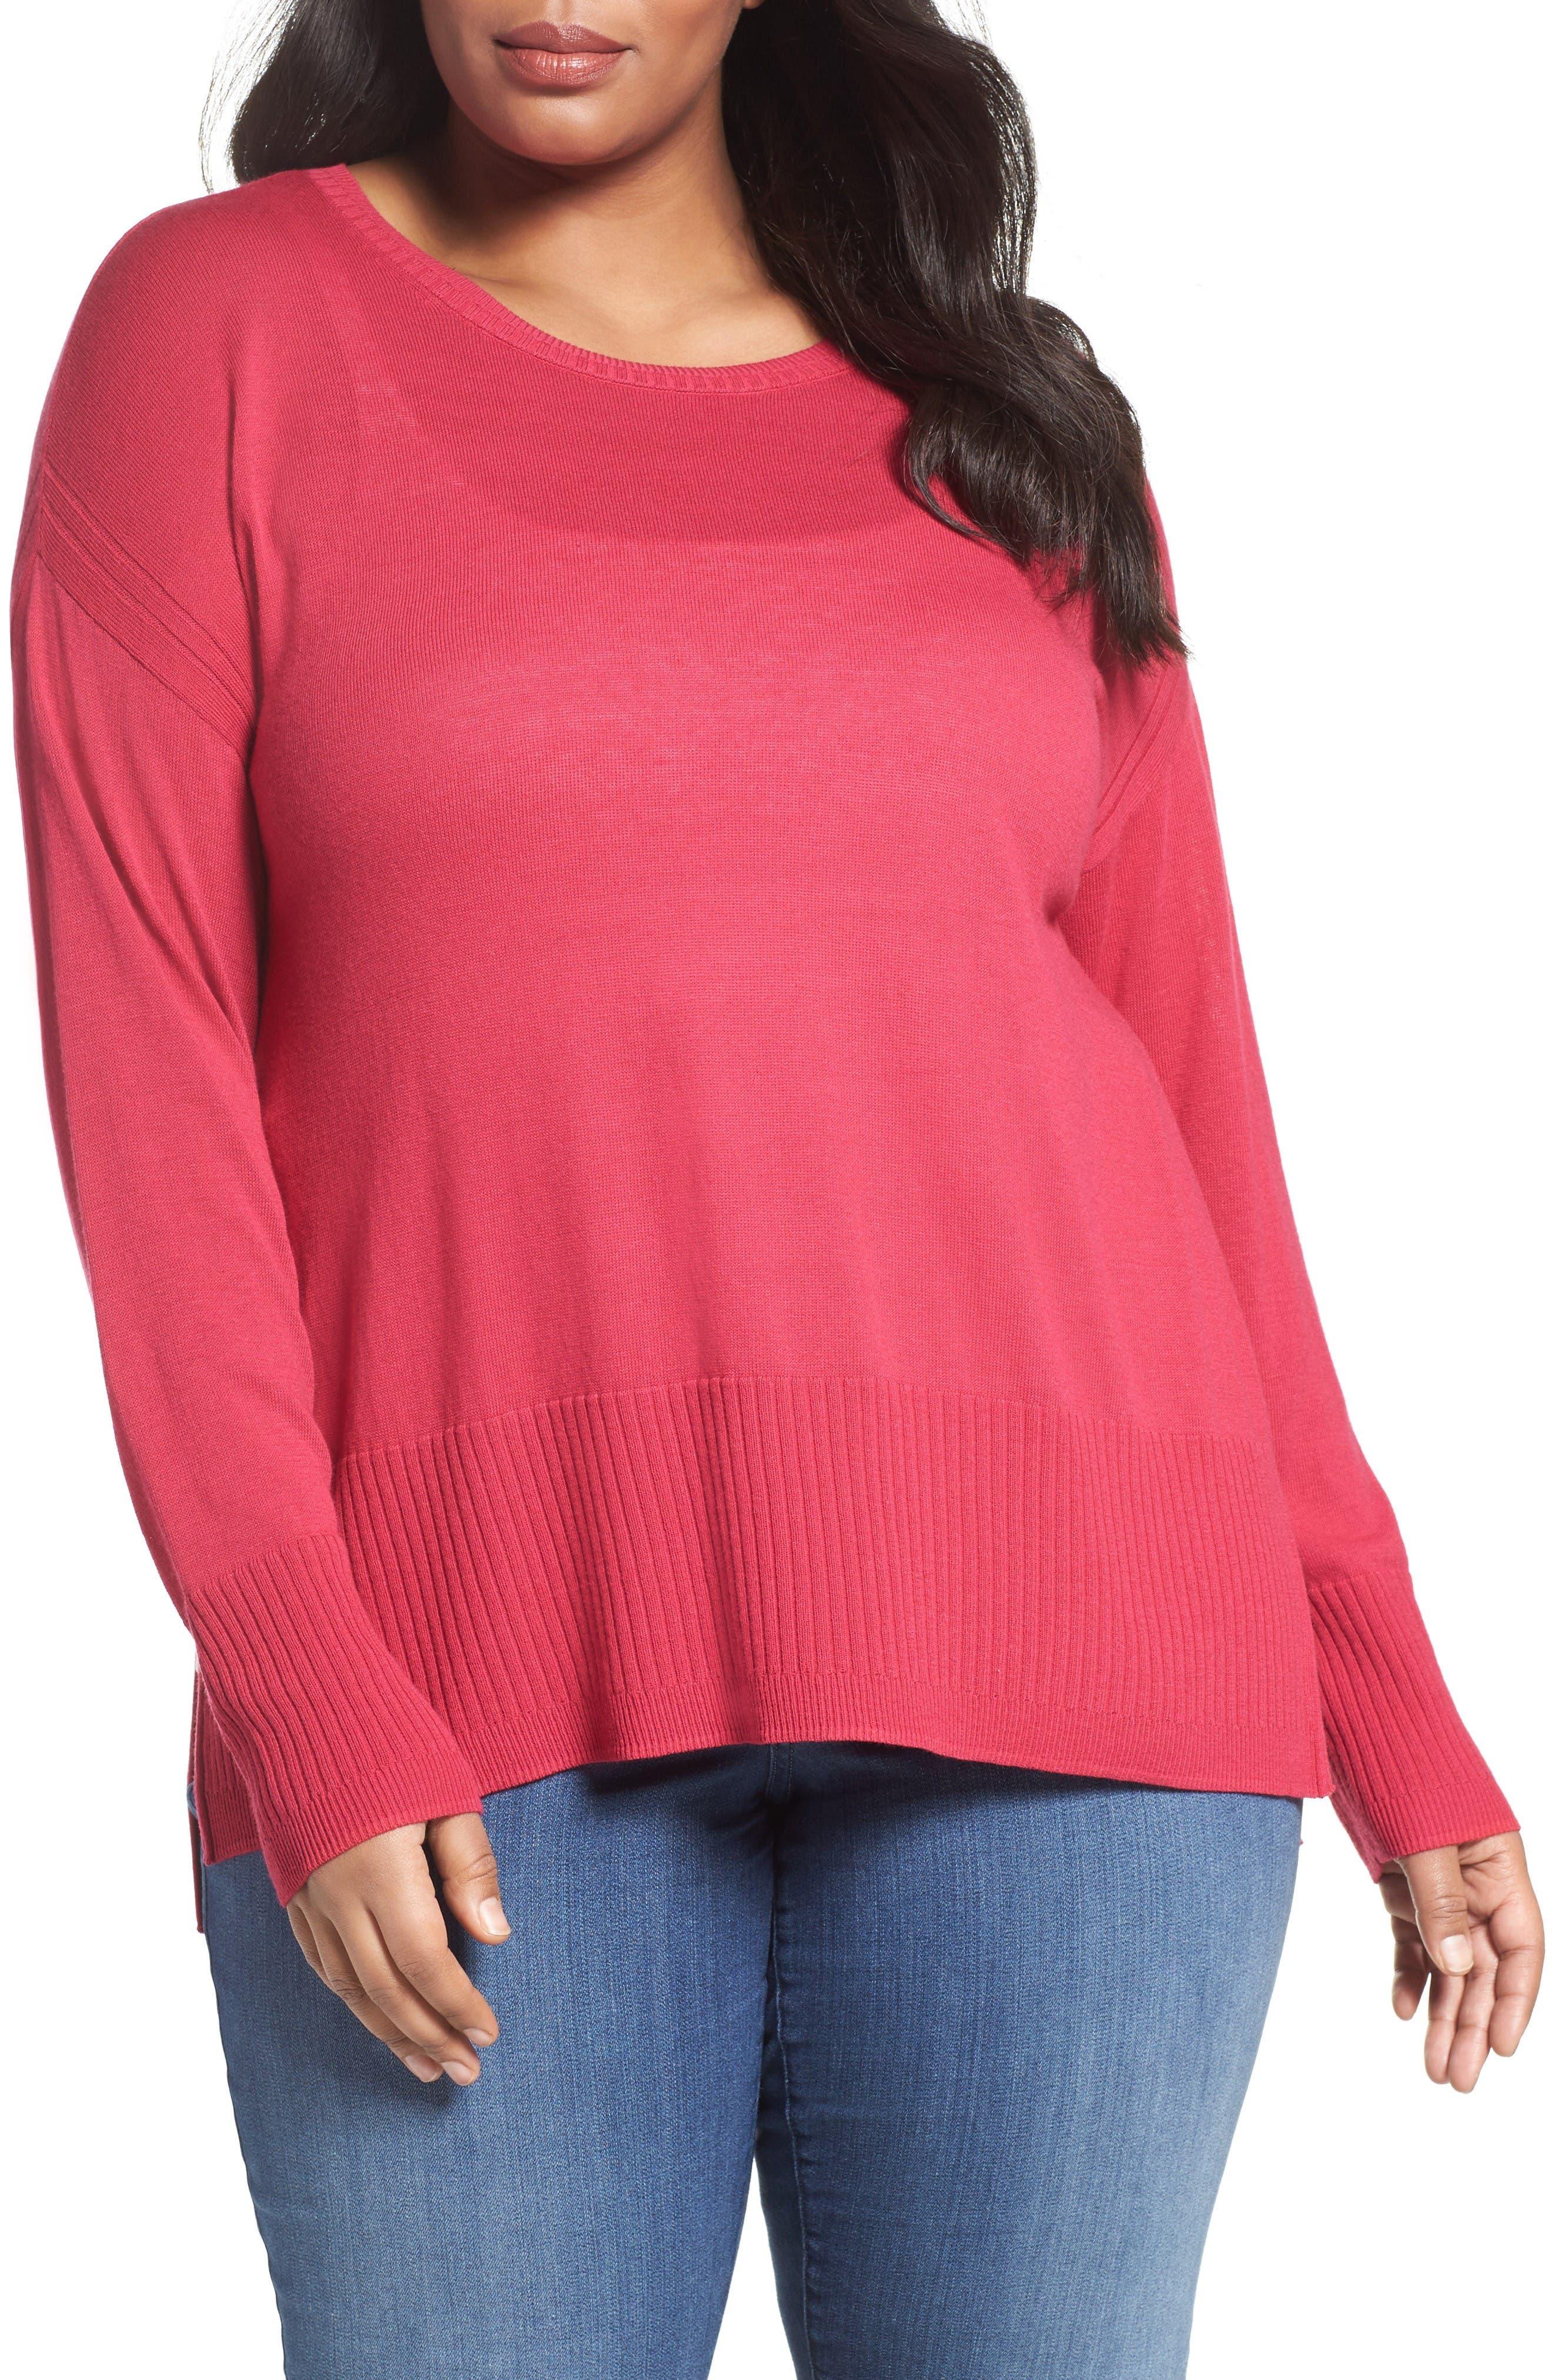 SEJOUR Cotton Blend Scoop Neck Sweater